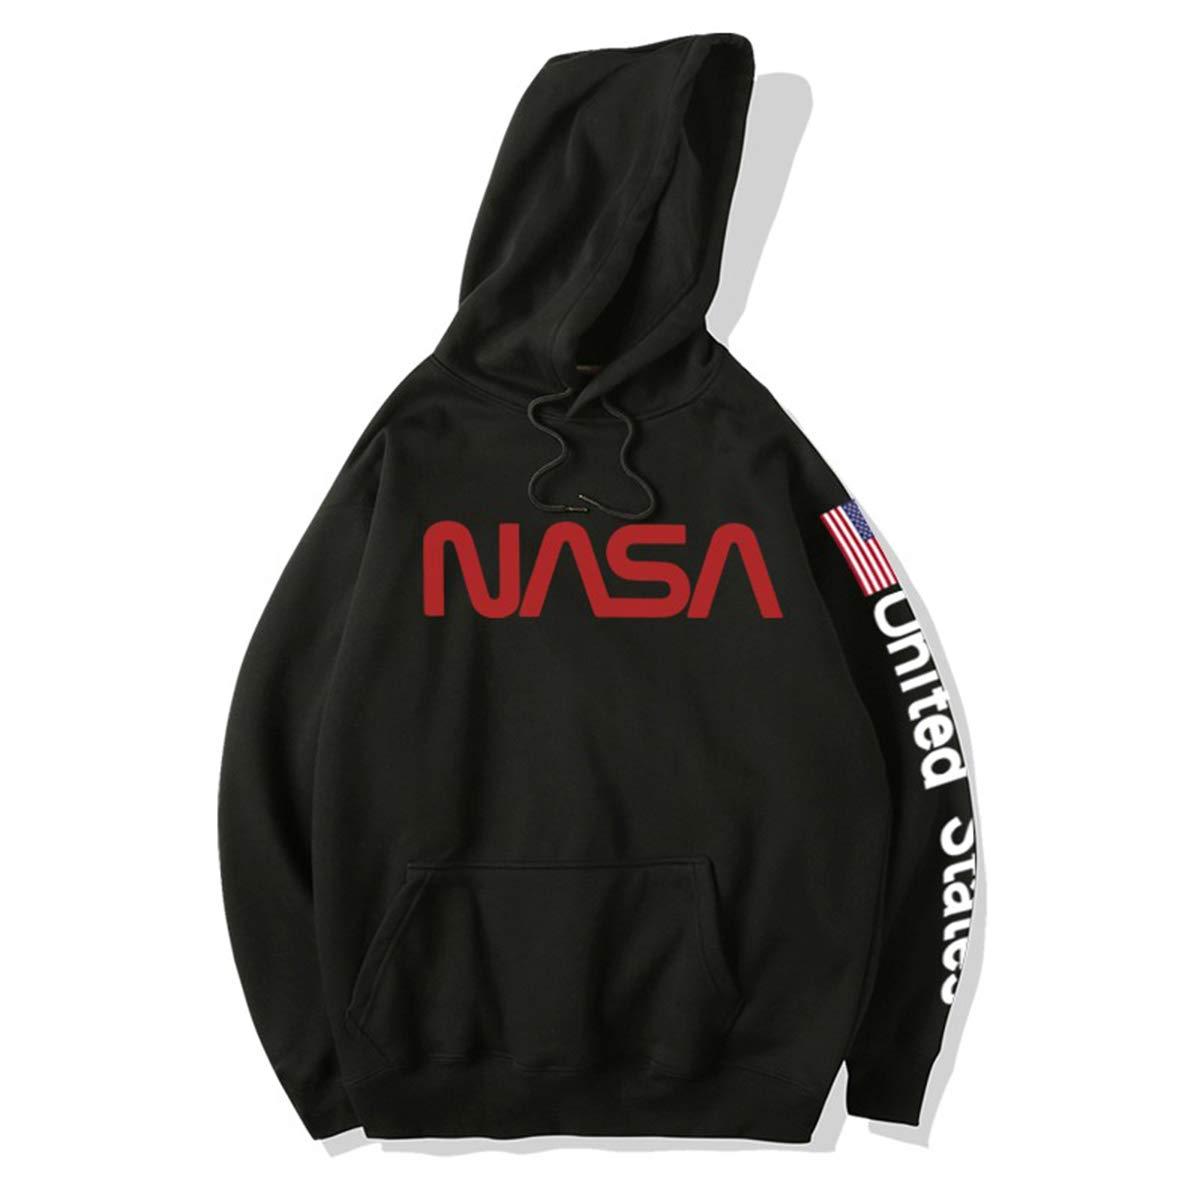 LLO NASA Maglione Mars Rescue Astronaut Spaceman Cappotto Felpe con Cappuccio a Manica Lunga da Uomo Felpa con Cappuccio Uomo Donna con Cappuccio Plus Size Coat Jacket,Grey,S